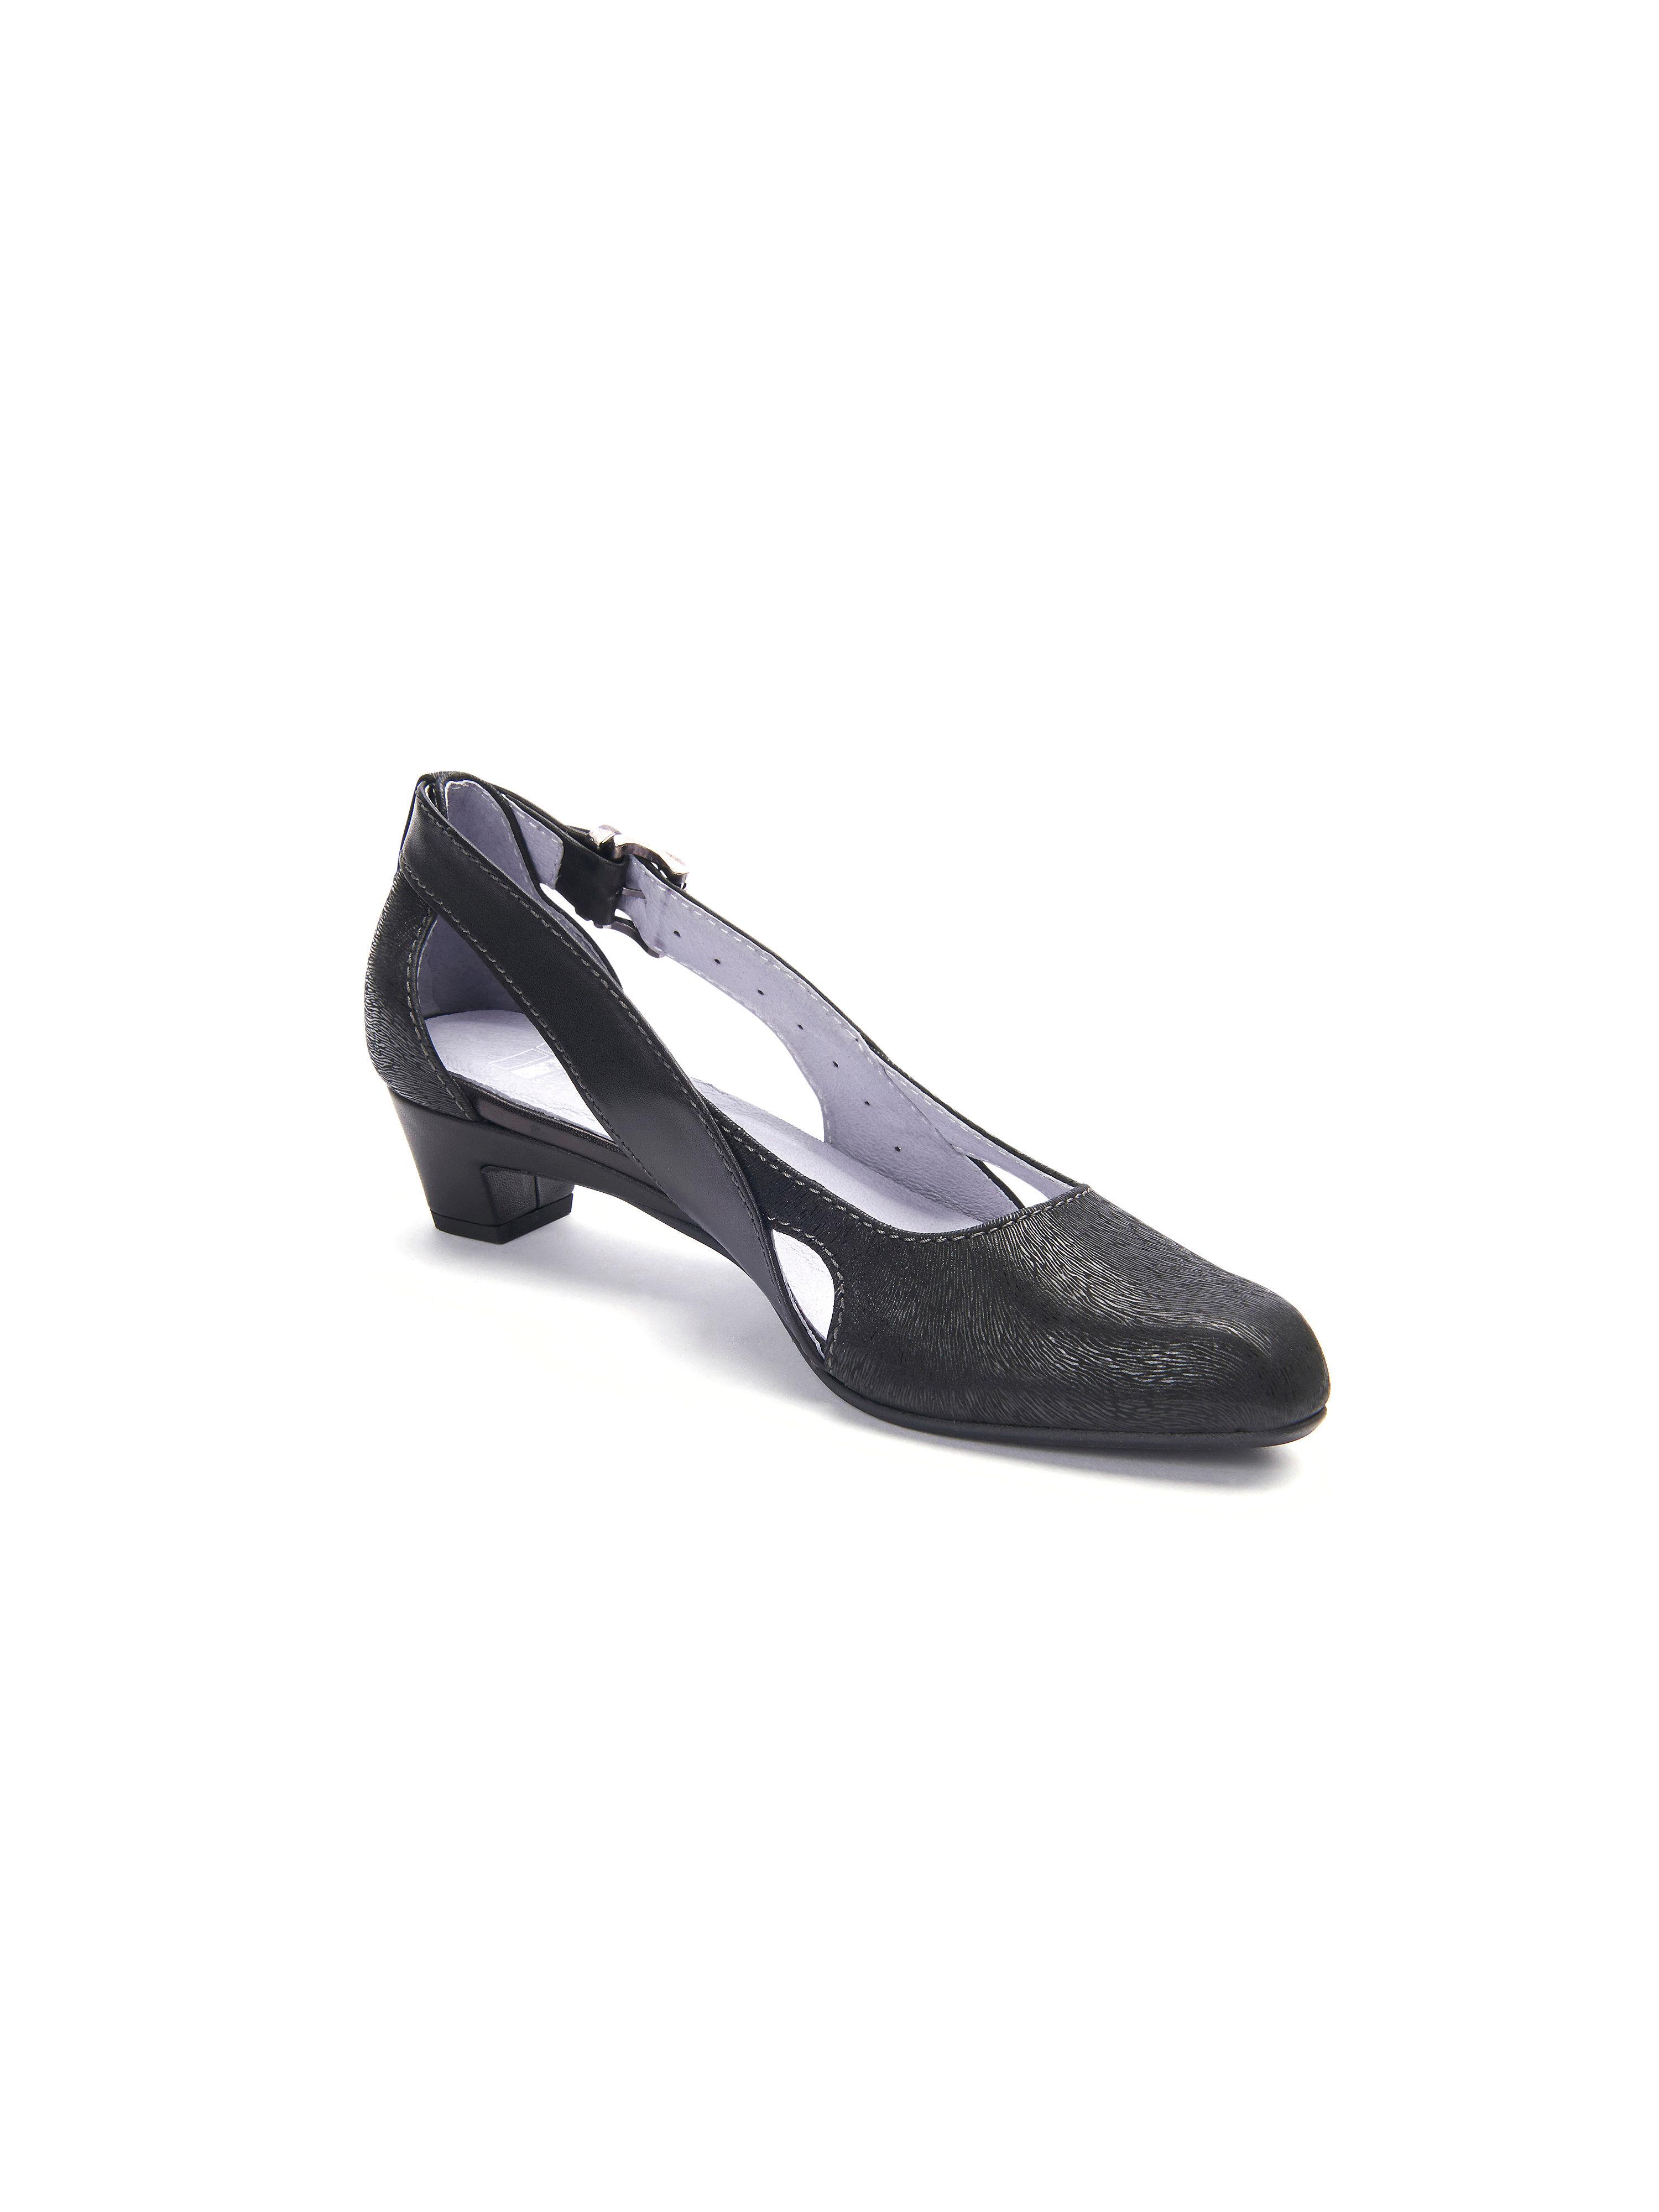 IiM77 - Pumps in leicht spitzer Form - - - Schwarz Gute Qualität beliebte Schuhe dc05dc